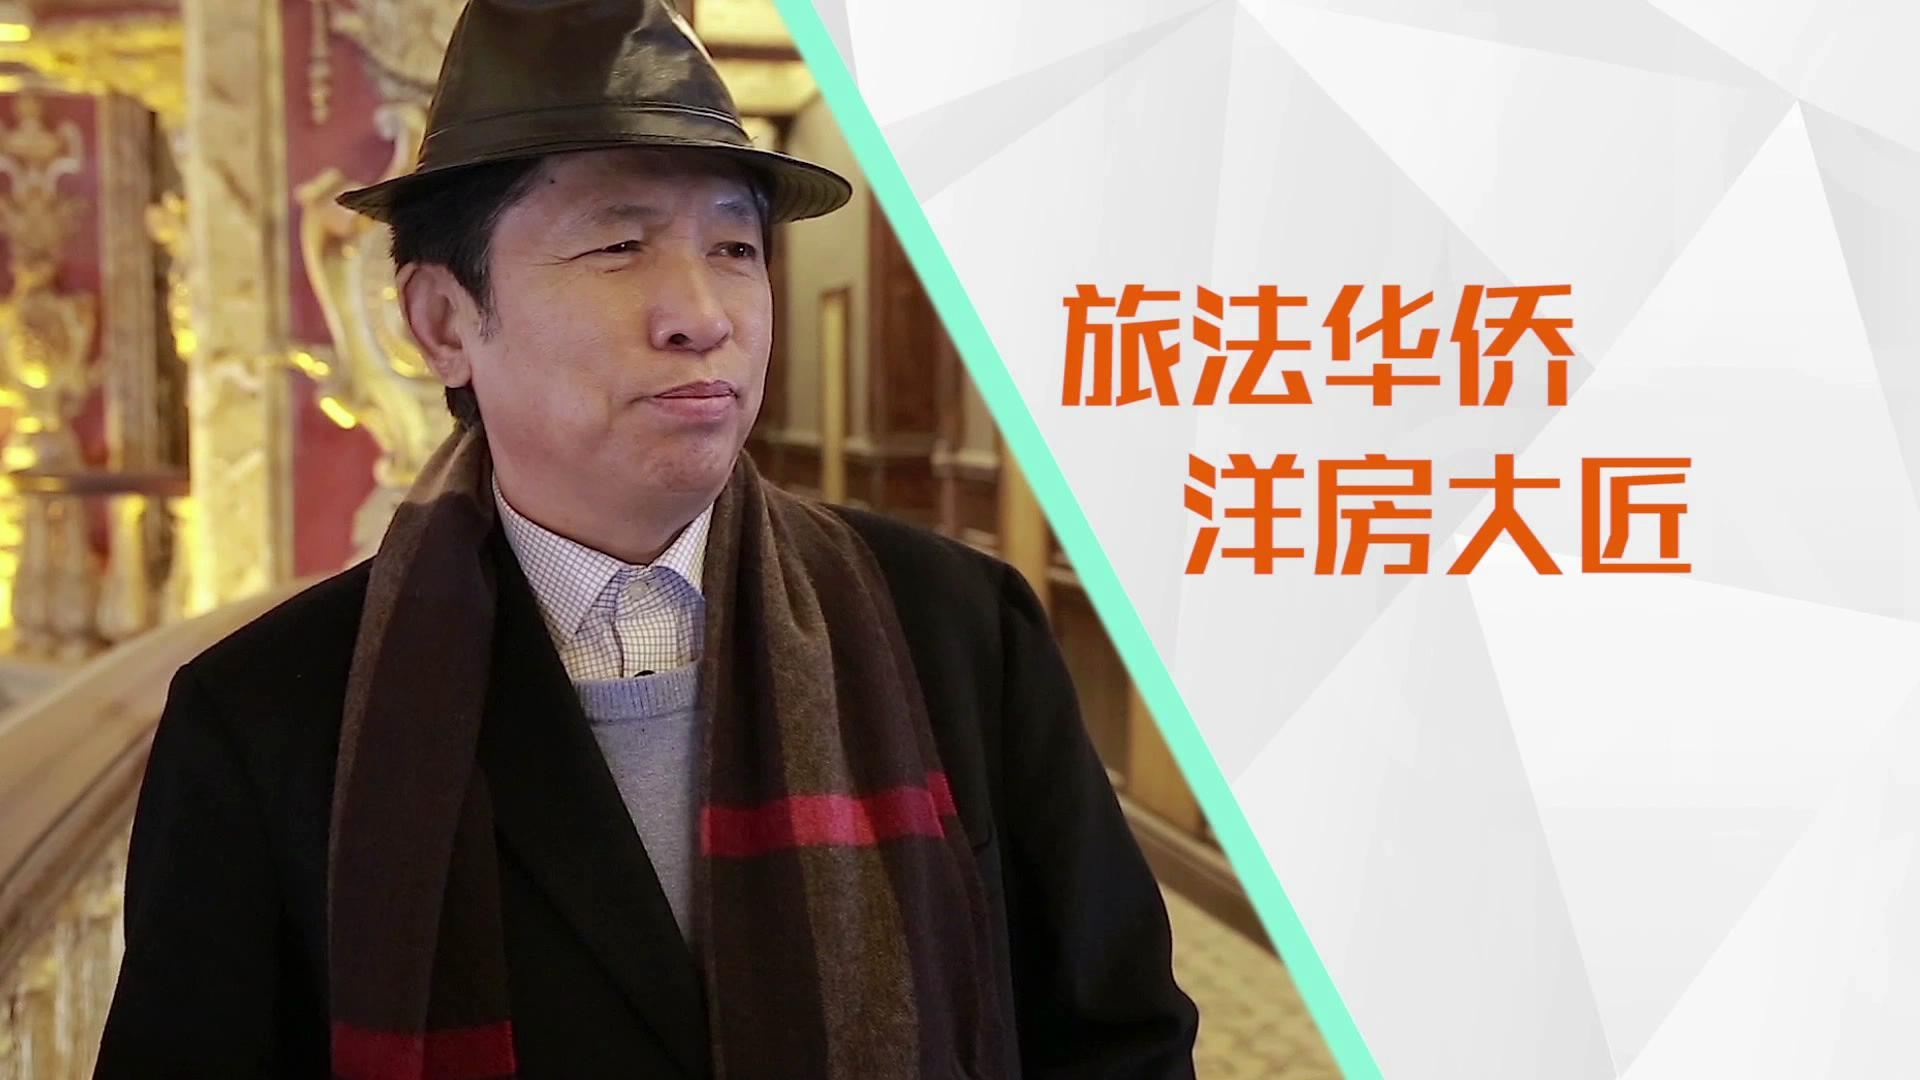 李文成:旅法华侨 洋房大匠